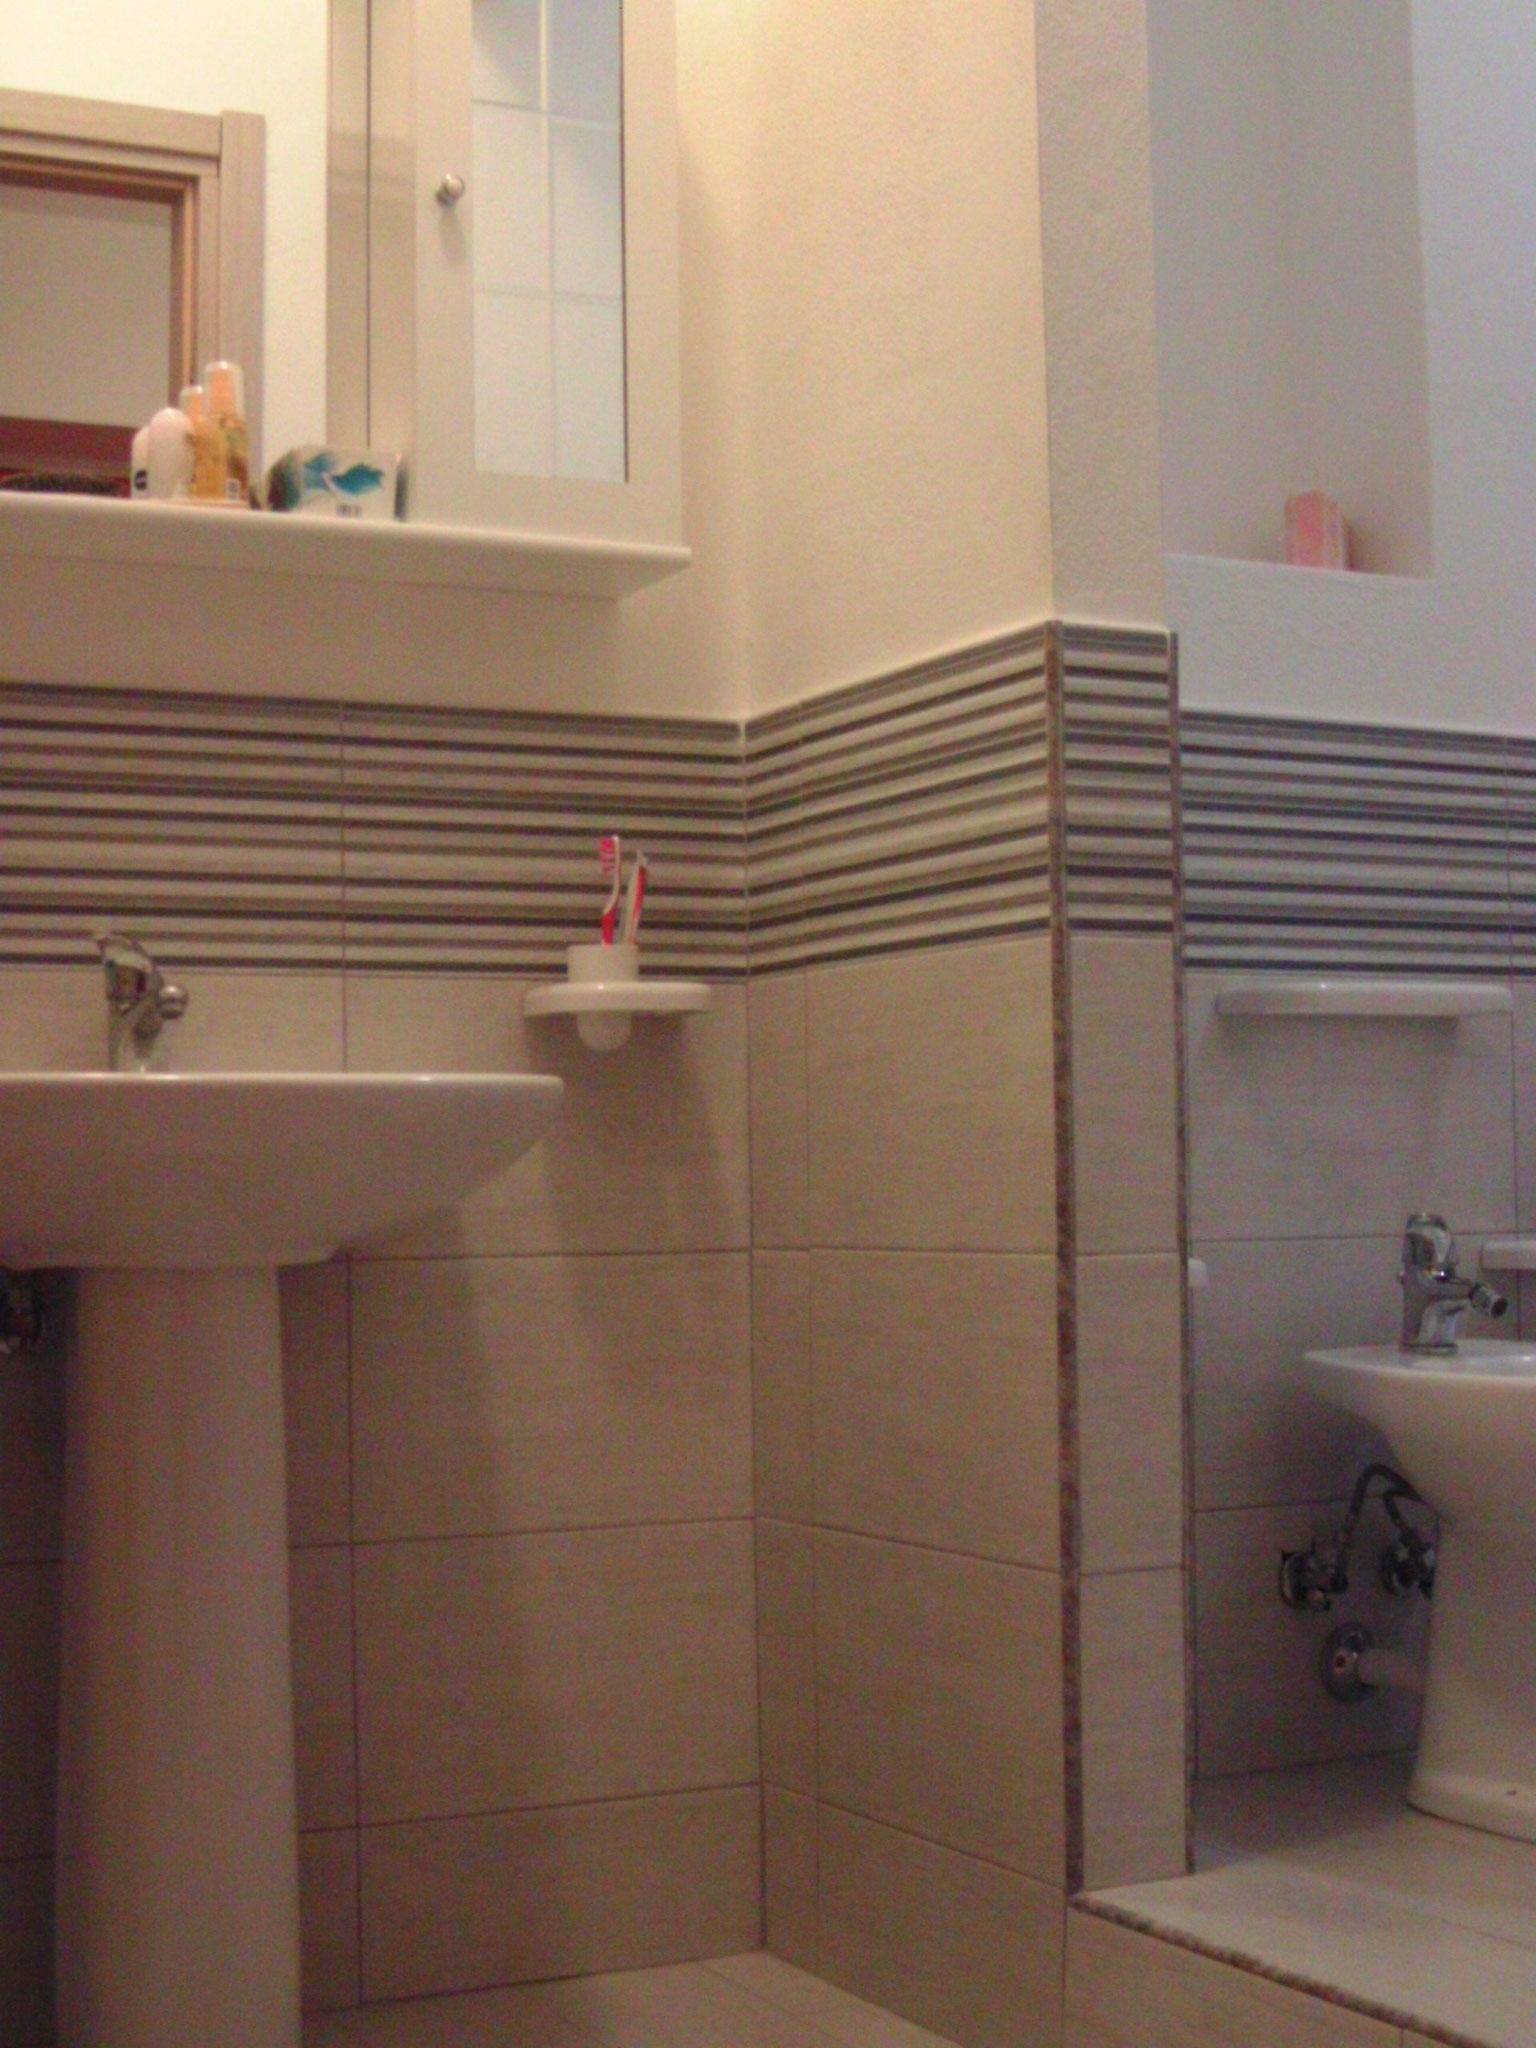 Jedes Appartement hat ein hübsches Bad.